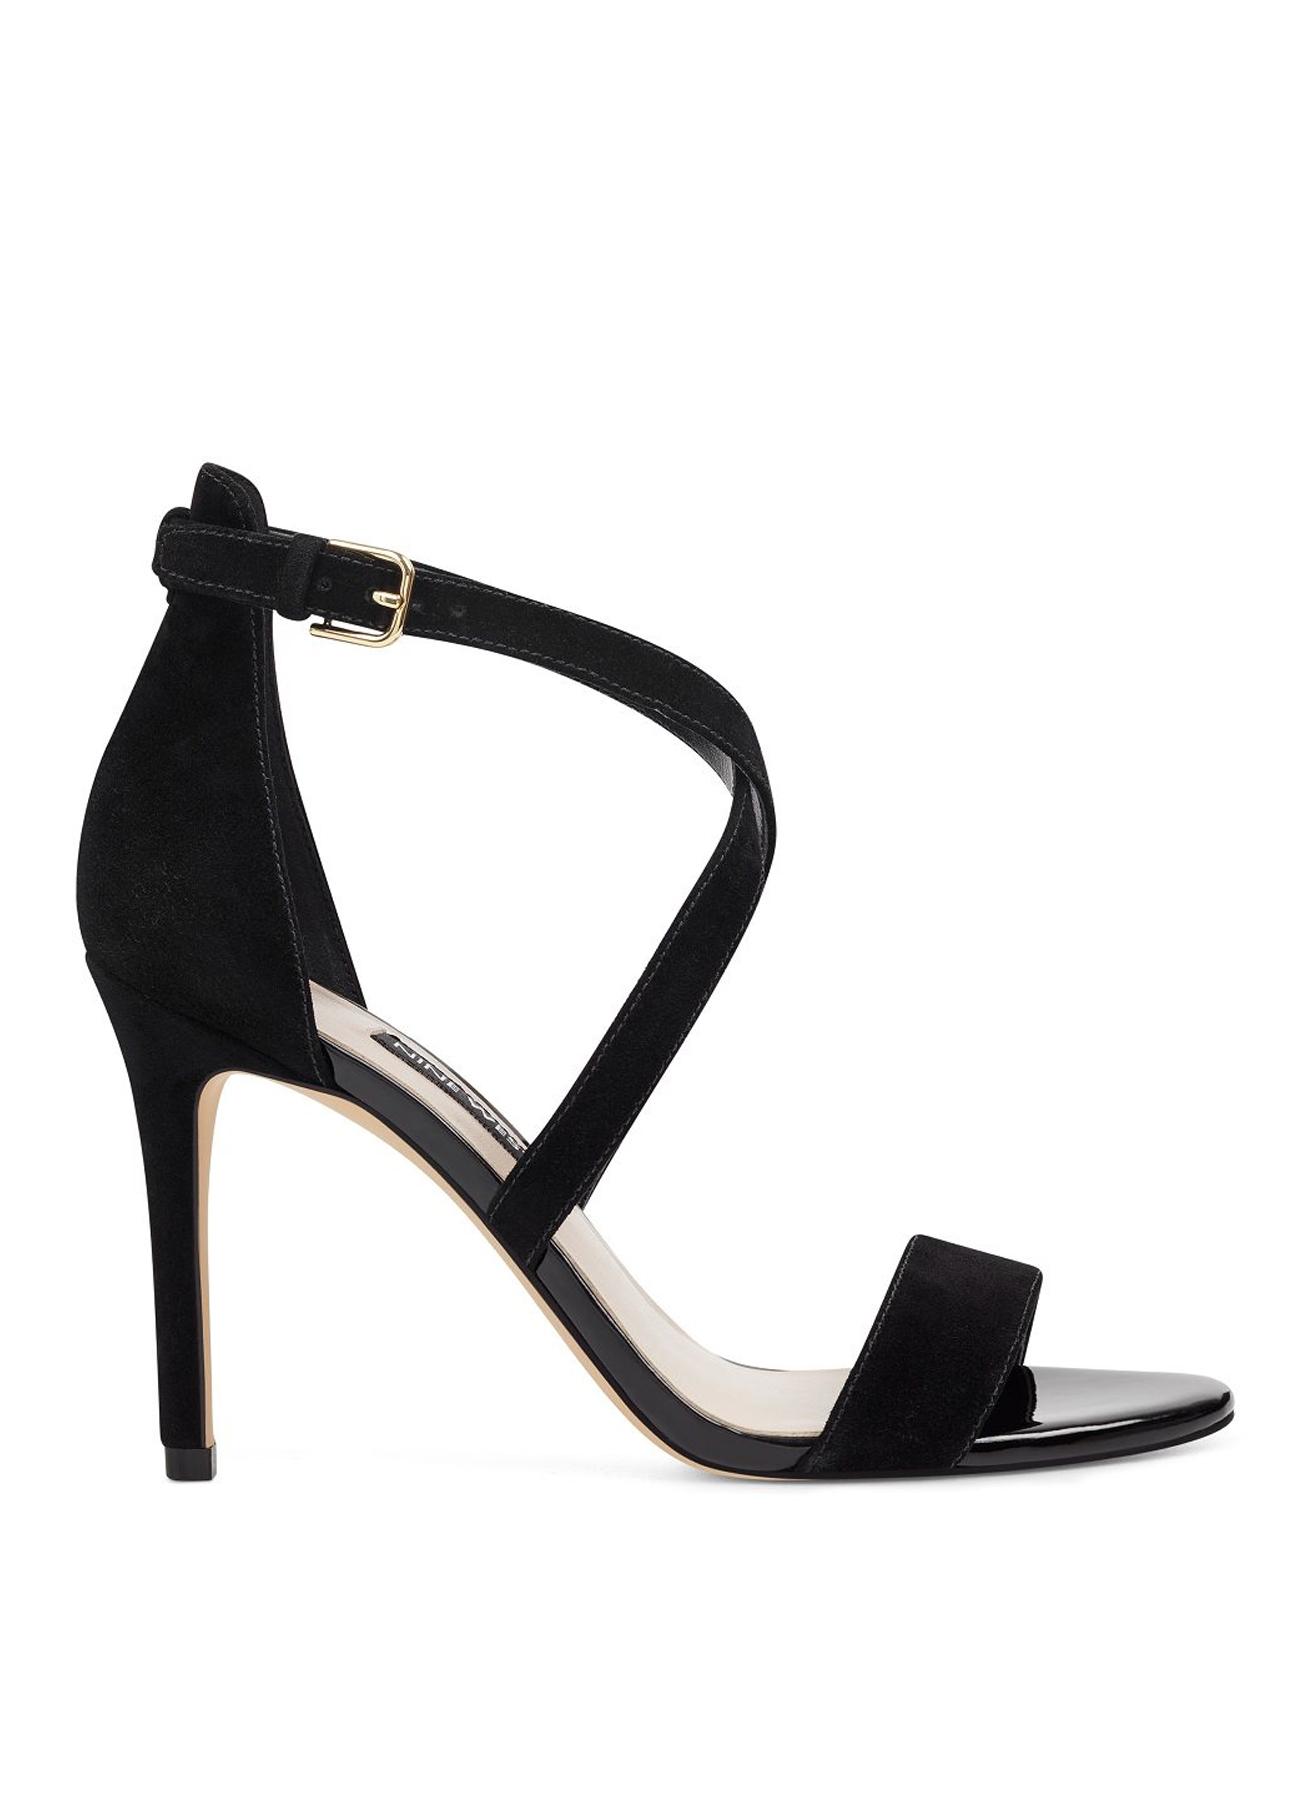 39 Siyah Nine West Abiye Topuklu Ayakkabı 5002311651001 & Çanta Kadın